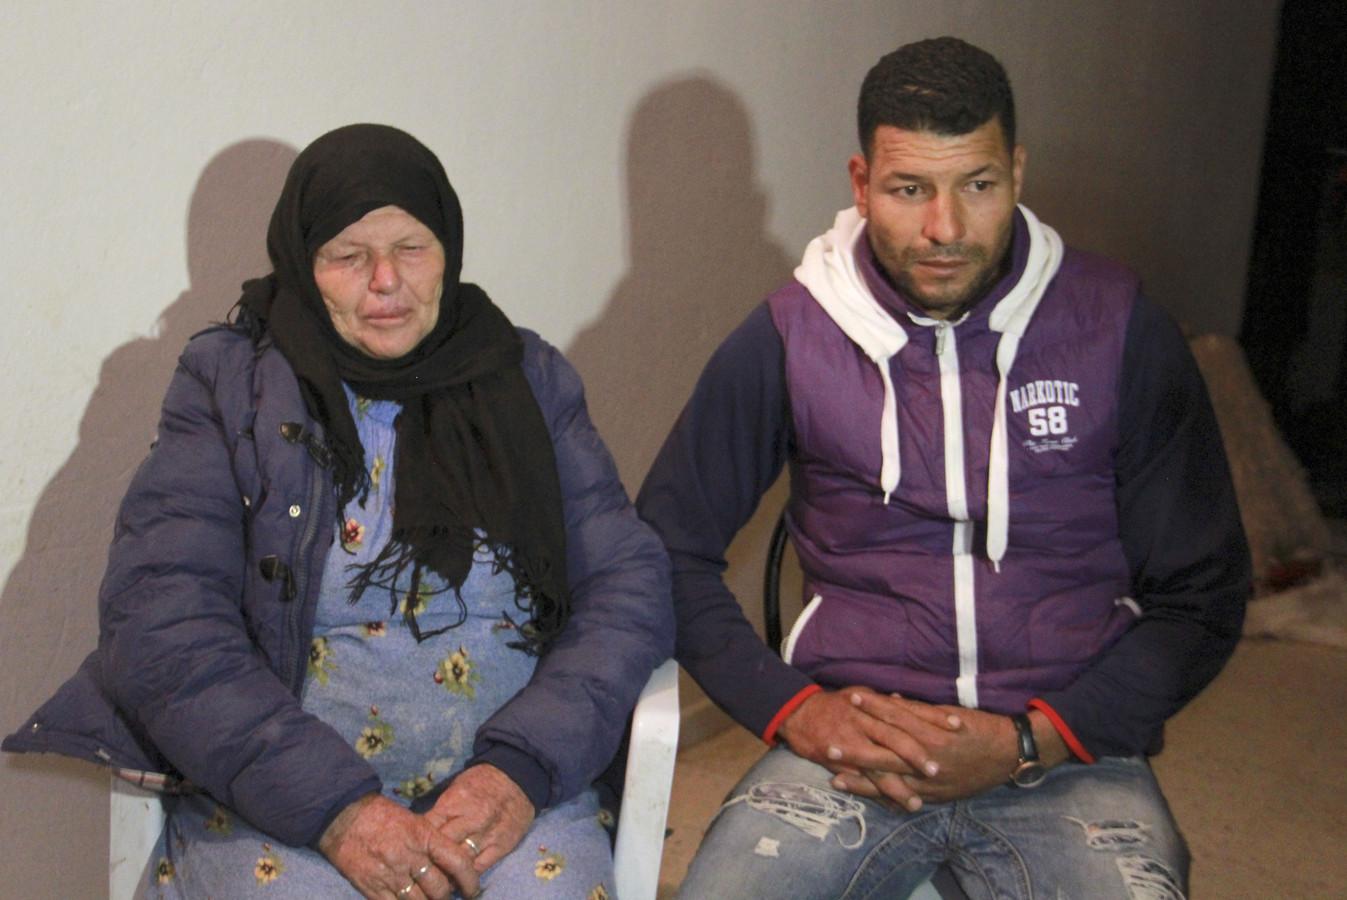 De moeder en broer van de aanslagpleger.